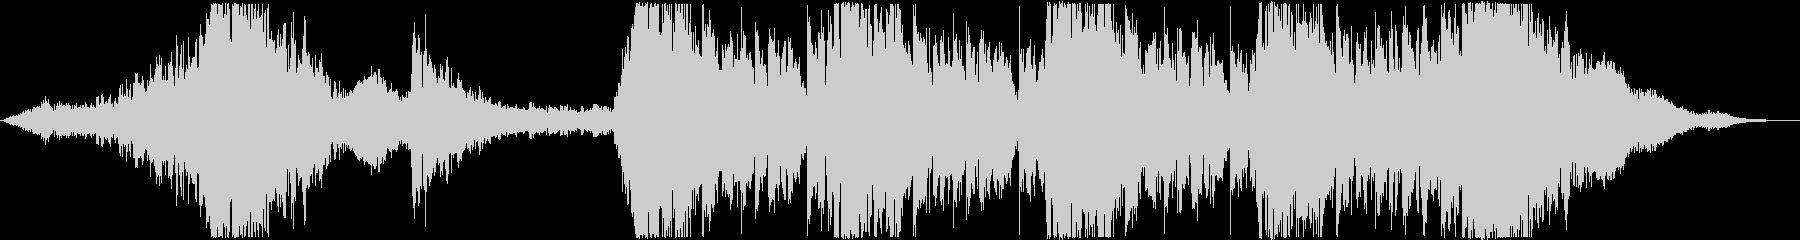 ハリウッド風トレイラー リズム主体08の未再生の波形